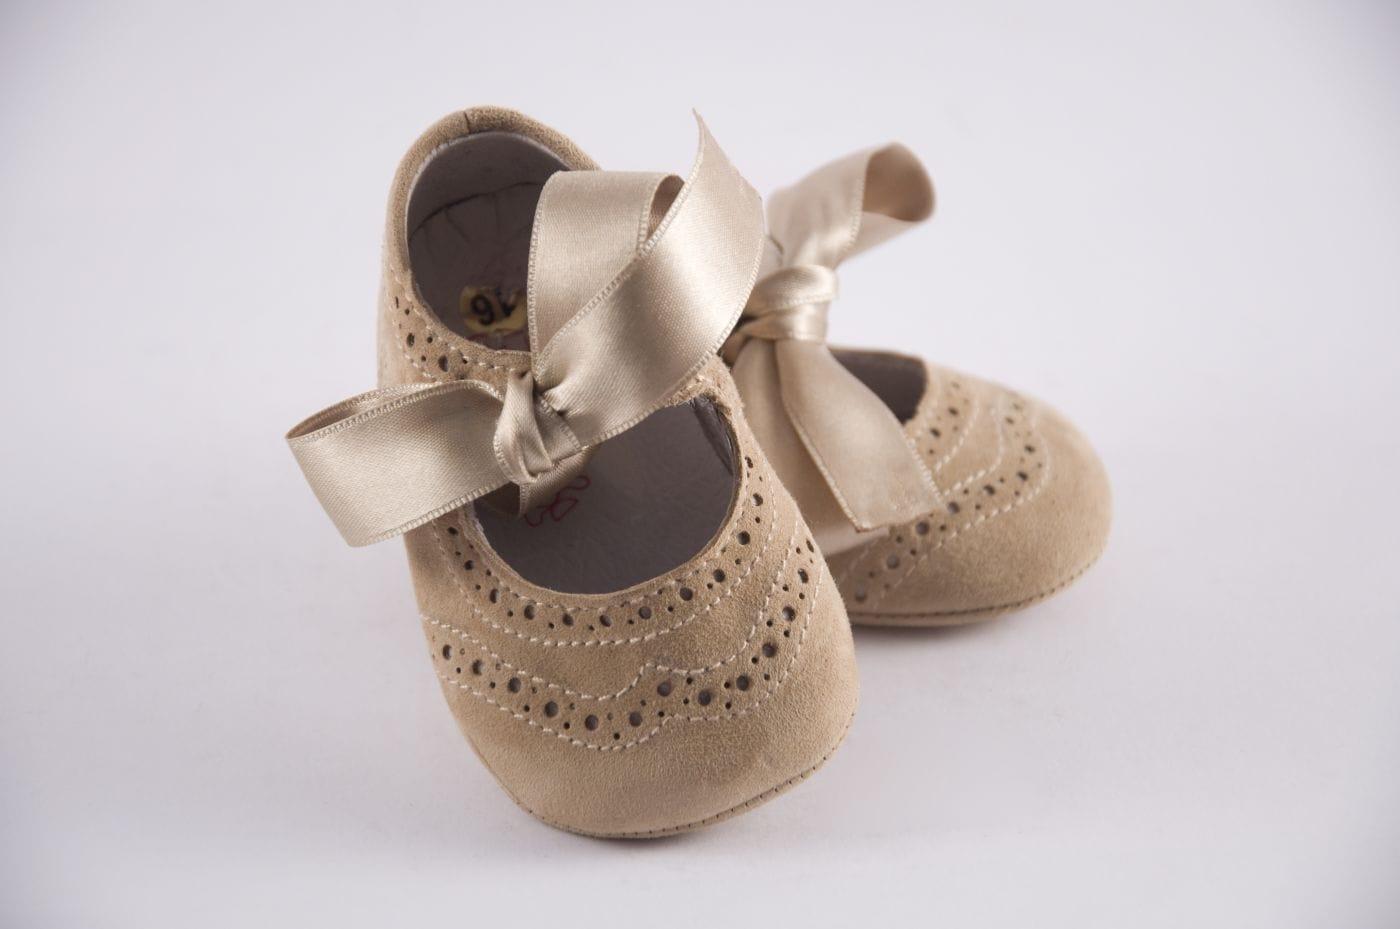 c64f1ac6b3e48 Comprar zapato tipo BEBE NIÑA estilo MERCEDES COLOR CAMEL ANTE ...